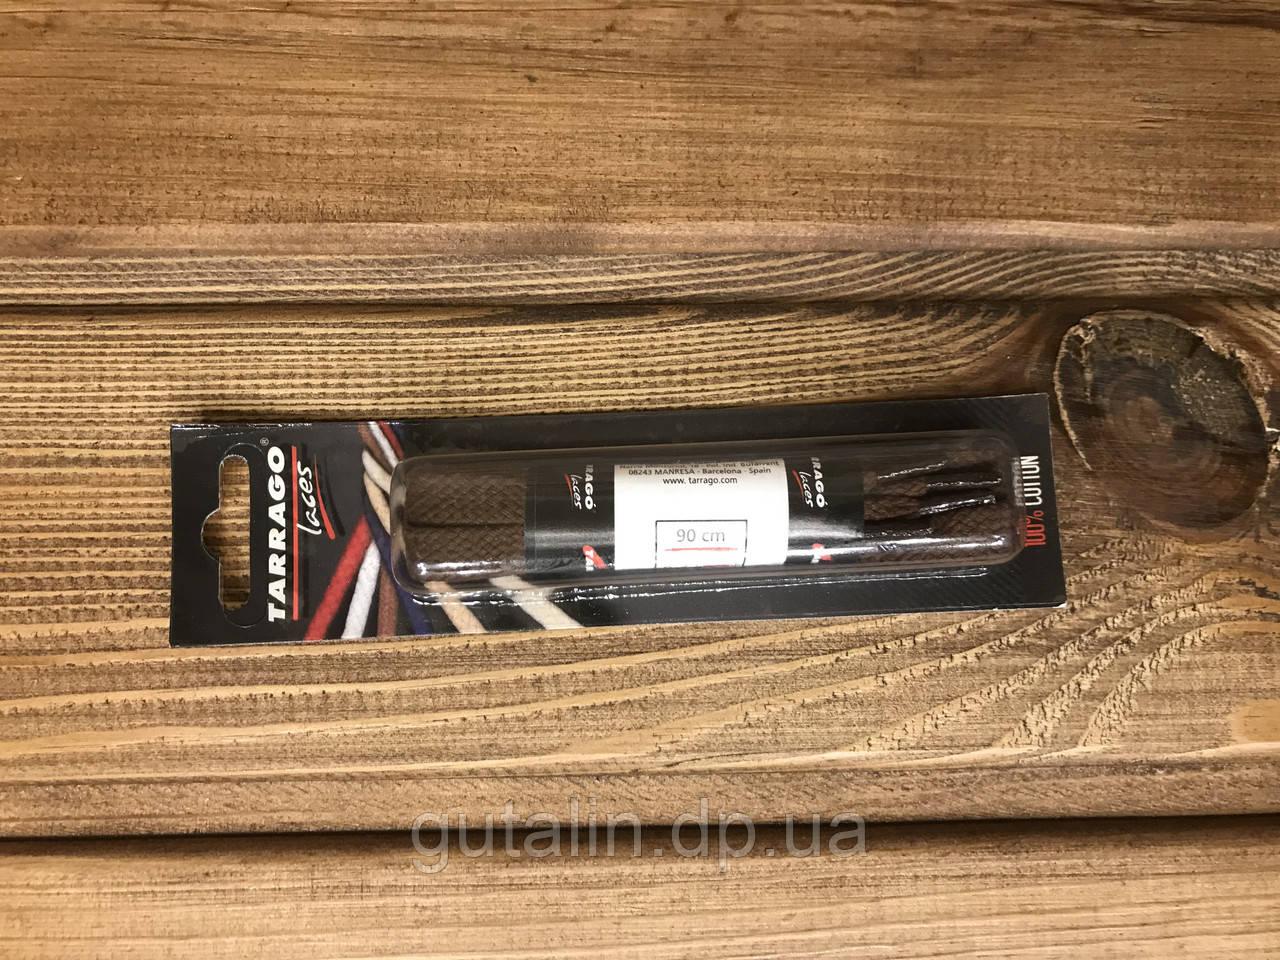 Шнурки для обуви Tarrago плоские 90 см, цв. средне-коричневый (39)